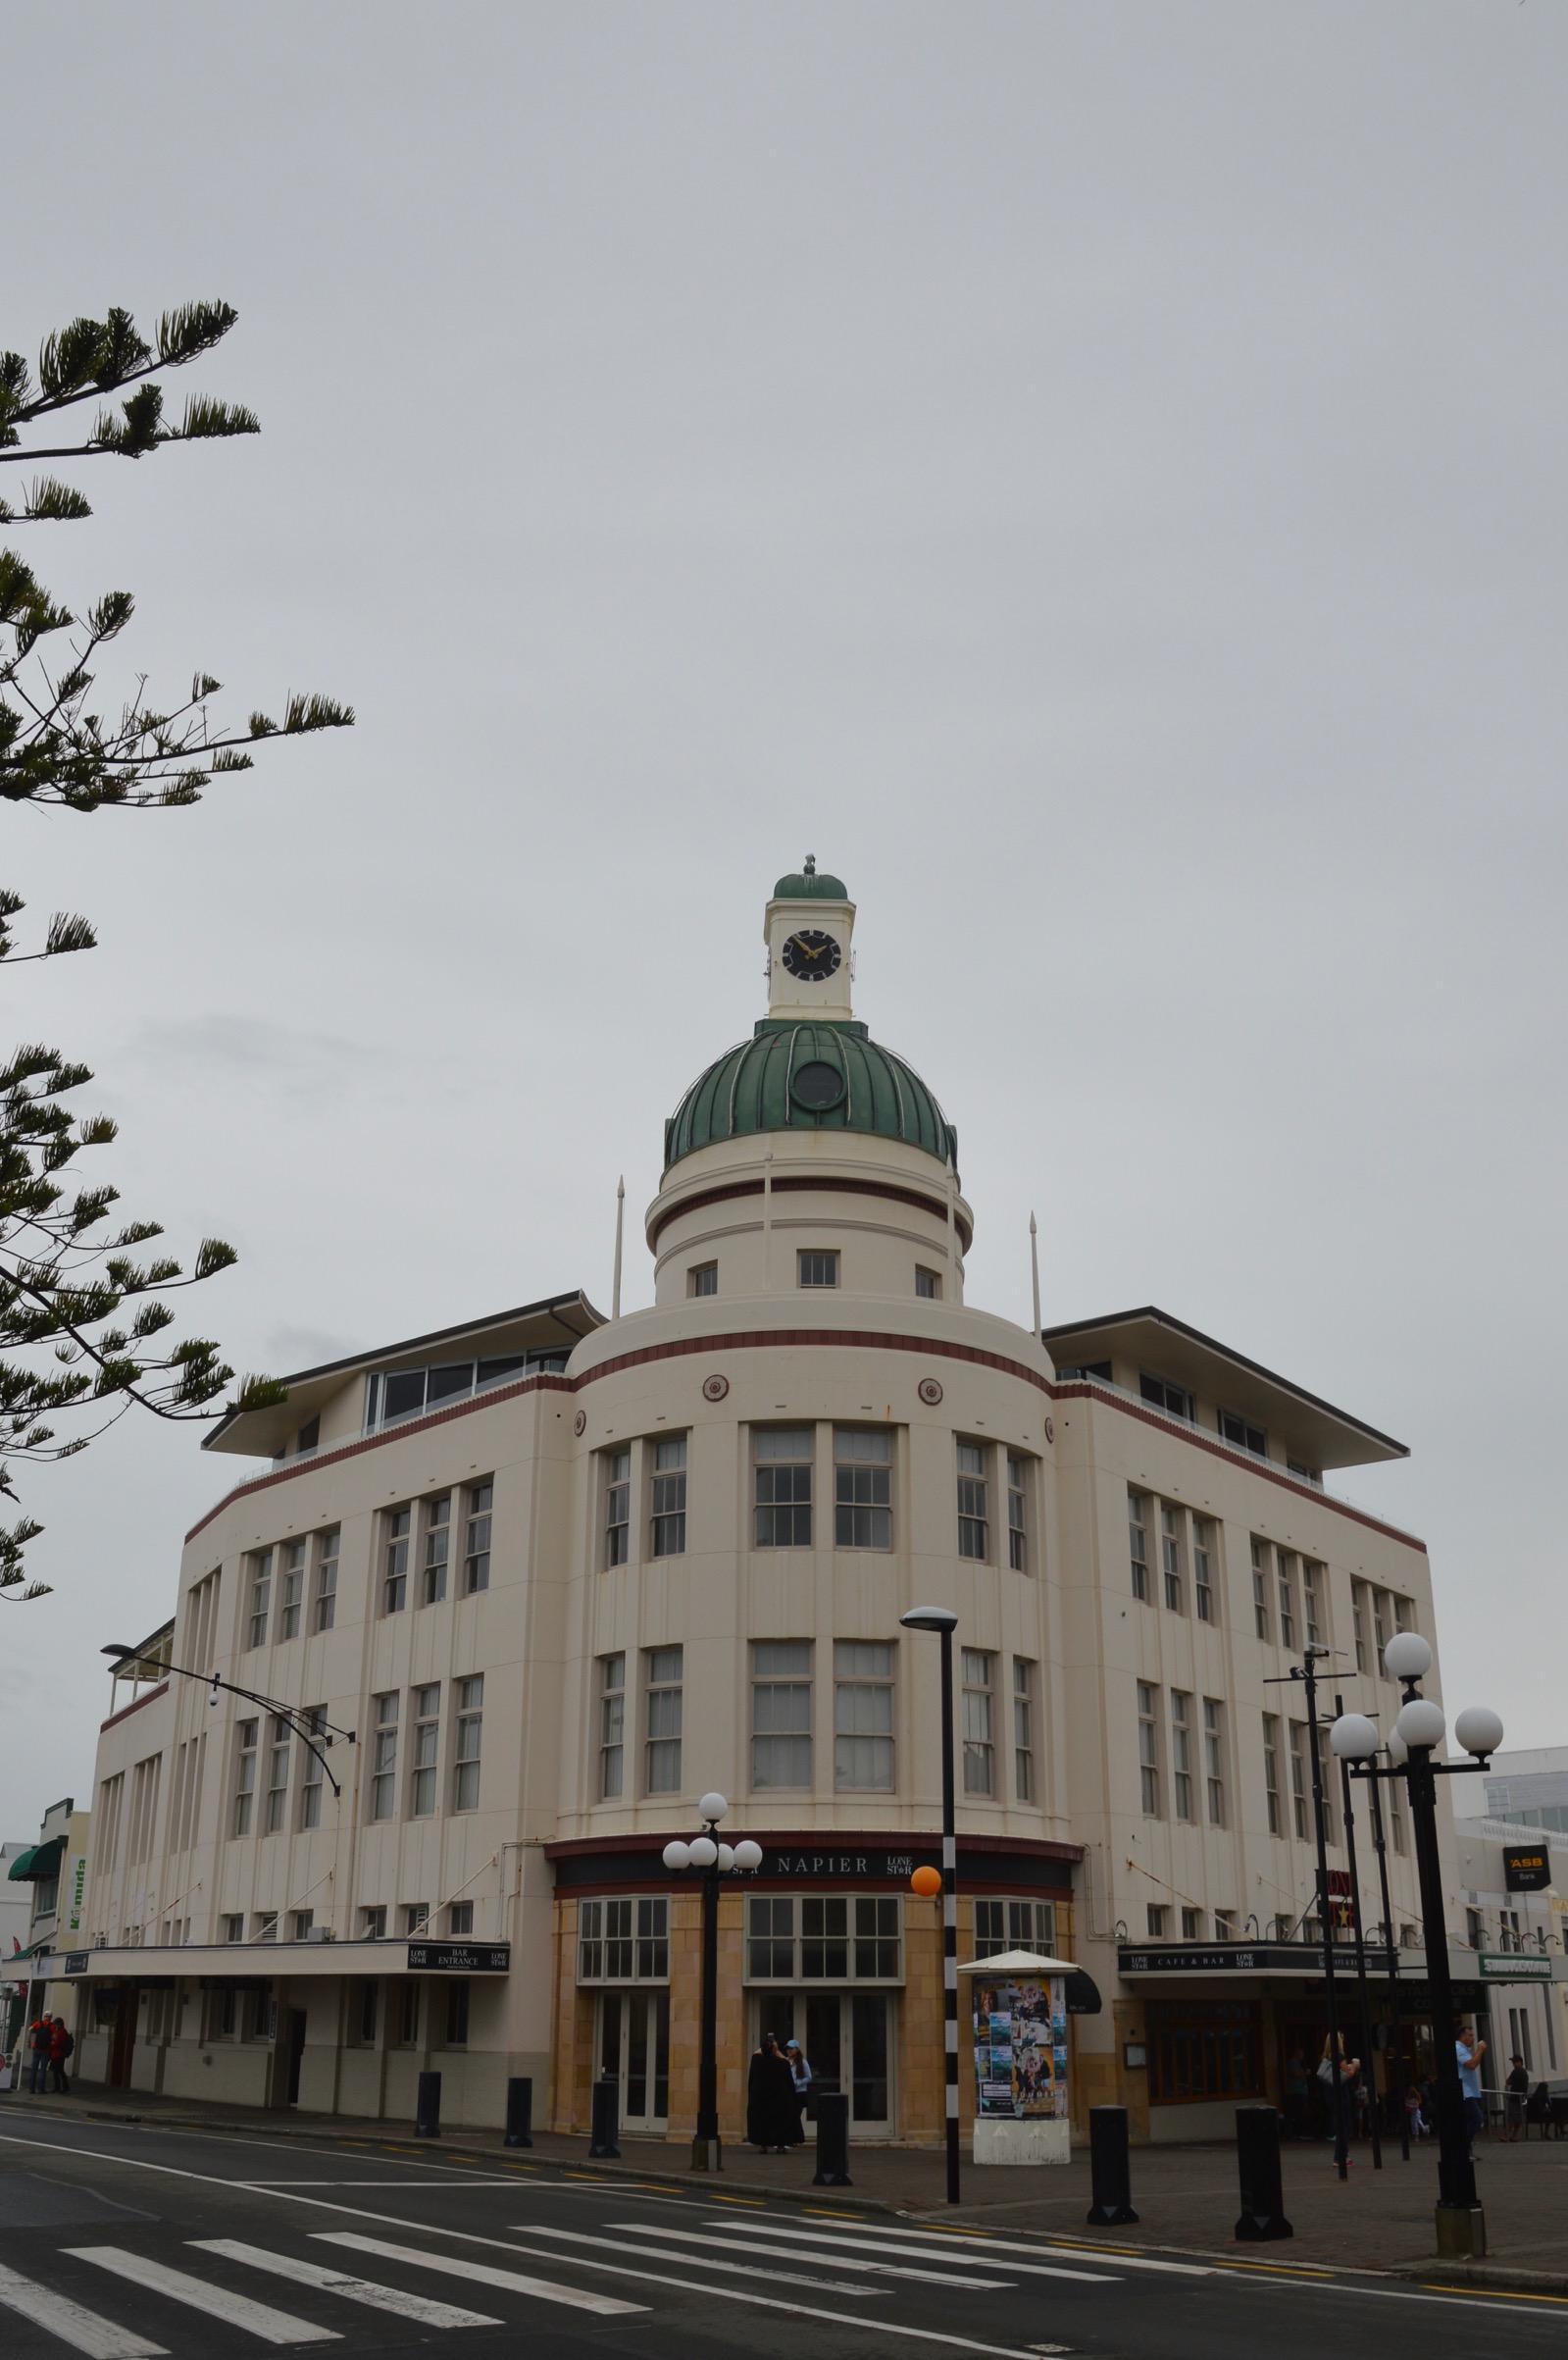 Art Deco in Napier, New Zealand